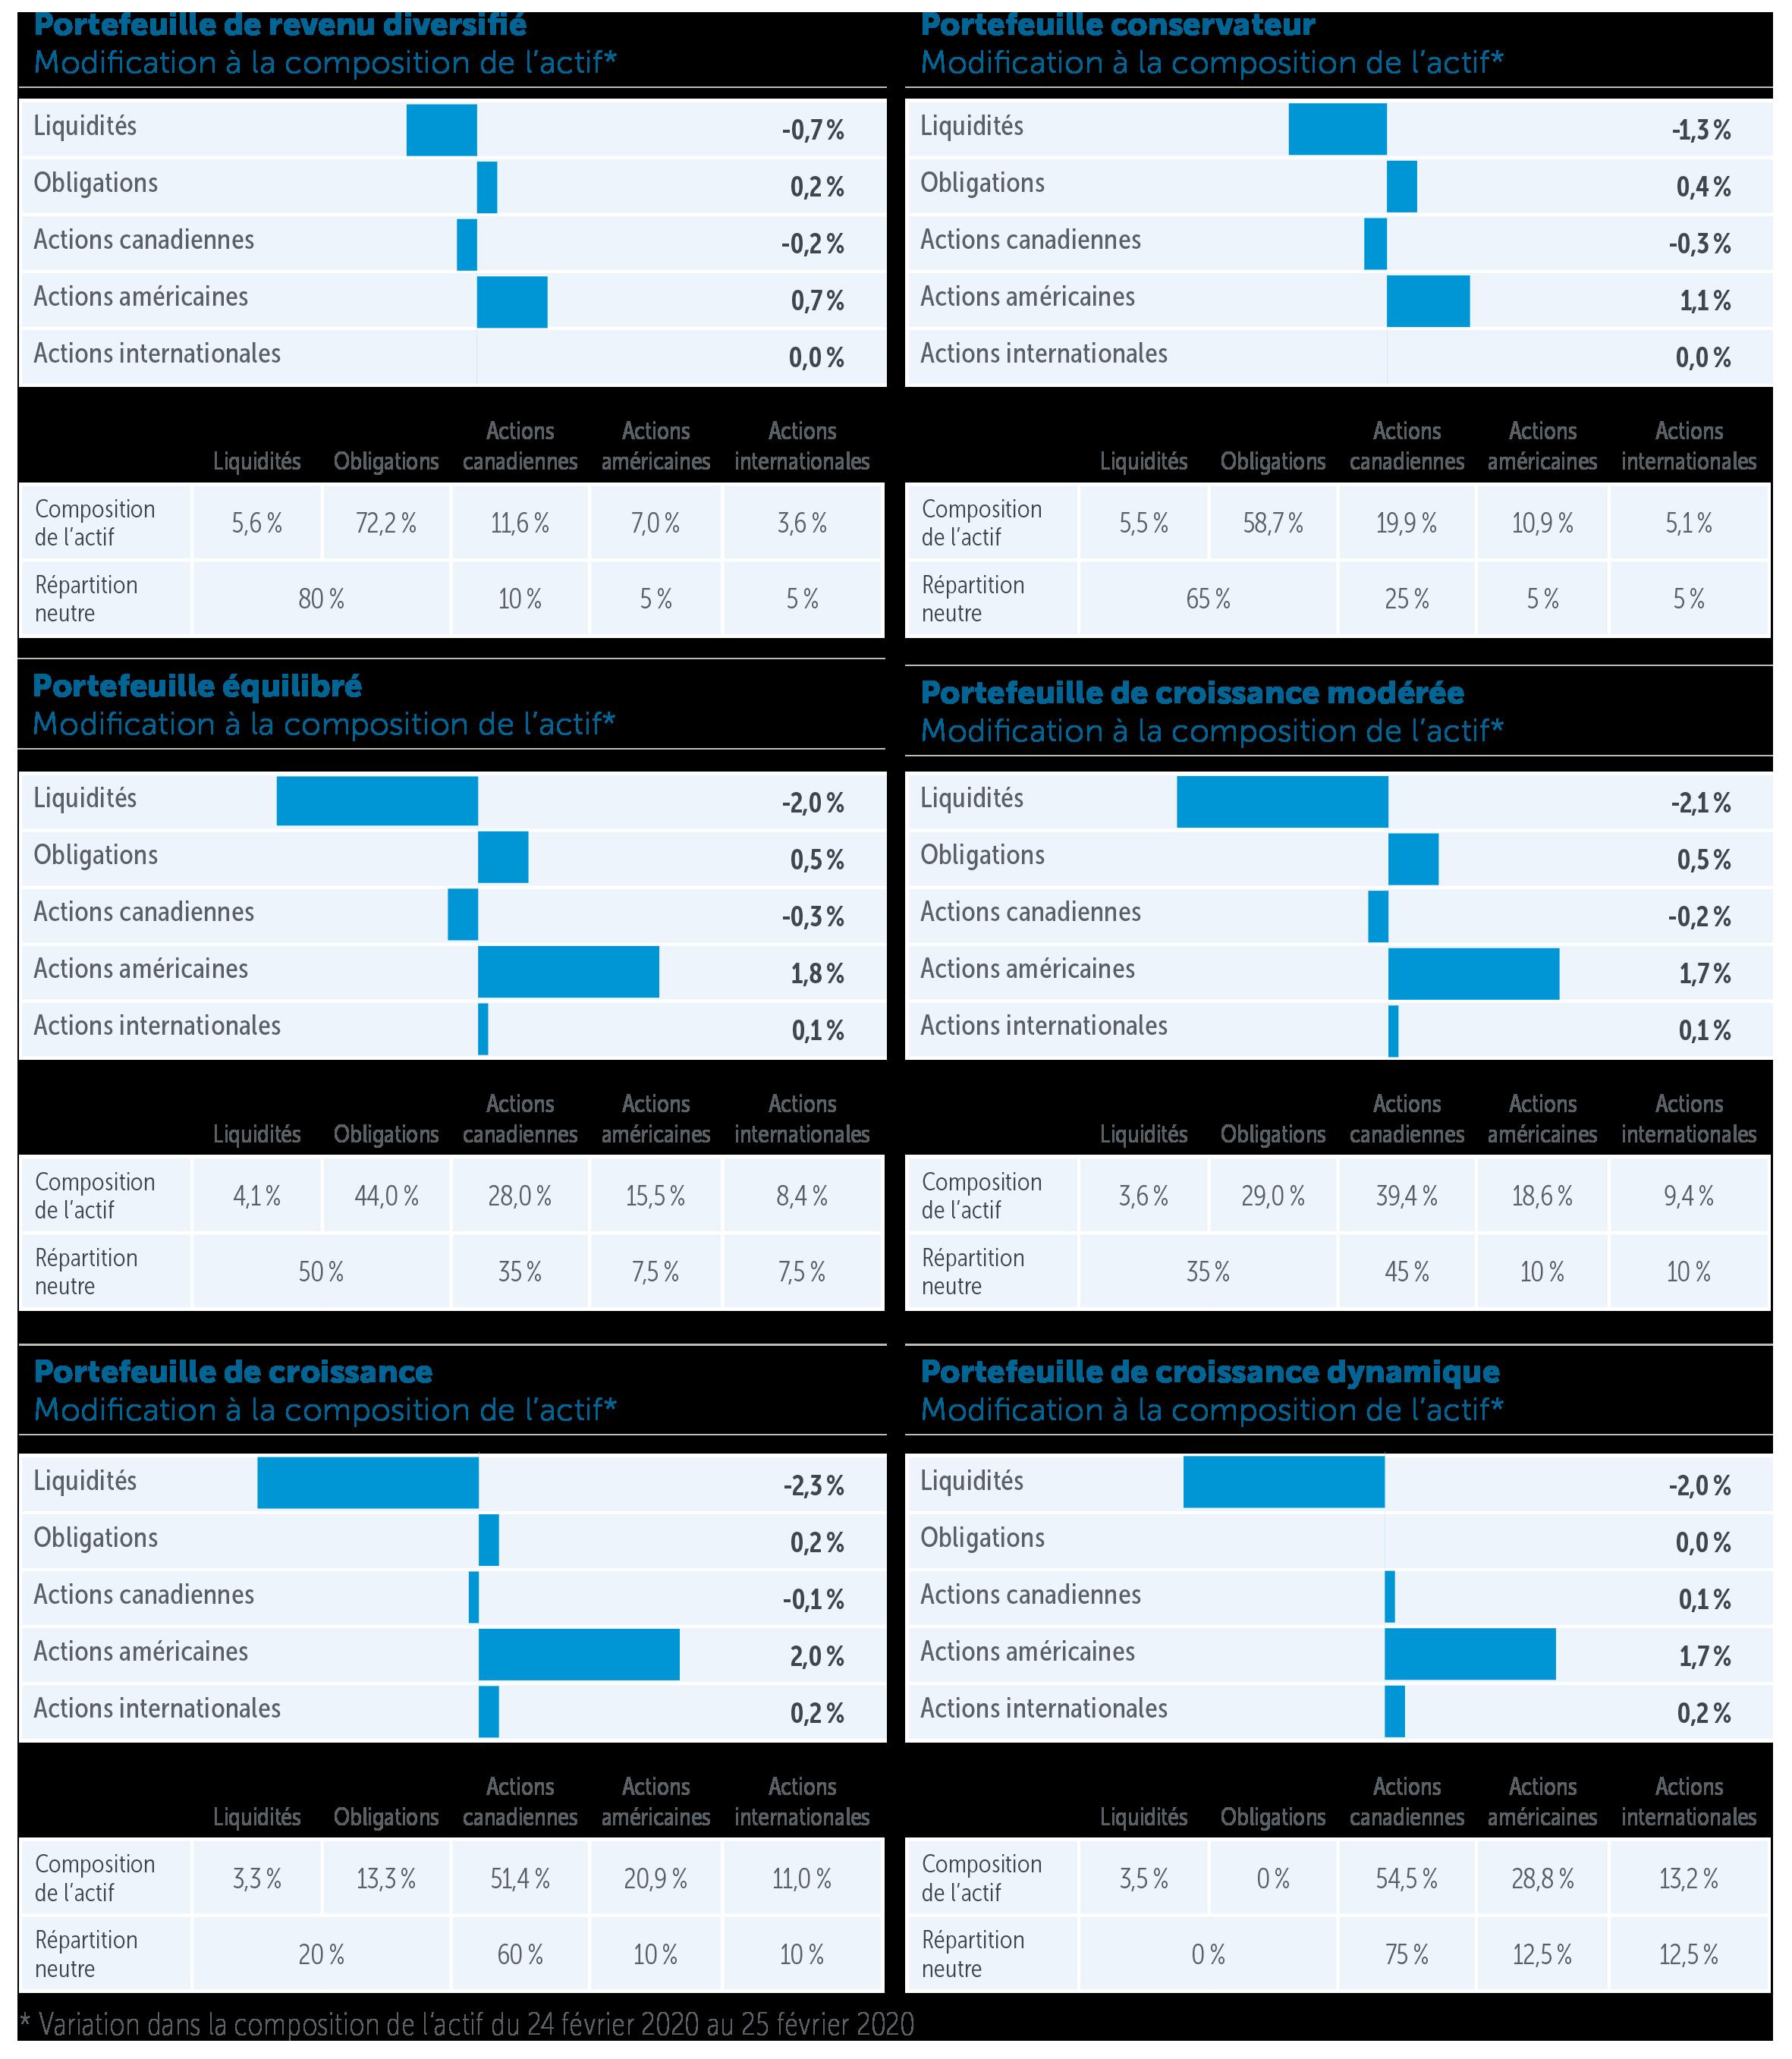 PORTEFEUILLES EMBLÈME EMPIRE VIE : MISE À JOUR SUR LA RÉPARTITION DE L'ACTIF PAGE 1 Principaux points à retenir • Augmentation de la pondération en actions américaines • Diminution de la pondération en liquidités Justification Les actions mondiales se sont repliées abruptement au cours de la dernière semaine, les investisseurs tentant de digérer les nouvelles concernant la propagation du coronavirus à l'extérieur de la Chine. L'indice général S&P 500 a maintenant perdu plus de 7 % par rapport à son récent sommet. Nous continuons à surveiller la situation. À titre d'investisseurs à plus long terme, nous savons que la volatilité peut souvent provenir de nulle part et ébranler le sentiment des investisseurs. Les incidences à plus long terme de la volatilité sur les fondamentaux des sociétés peuvent cependant être négligeables. Il est difficile de circonscrire ce virus à court ou à moyen terme, et l'incidence du COVID-19 sur l'activité économique pourrait être importante à court terme. Toutefois, les réactions excessives des marchés fournissent des occasions d'investir certaines sommes. Nous avons augmenté de façon tactique la pondération des actions américaines dans les fonds. Portefeuilles Emblème Empire Vie : mise à jour sur la répartition de l'actif